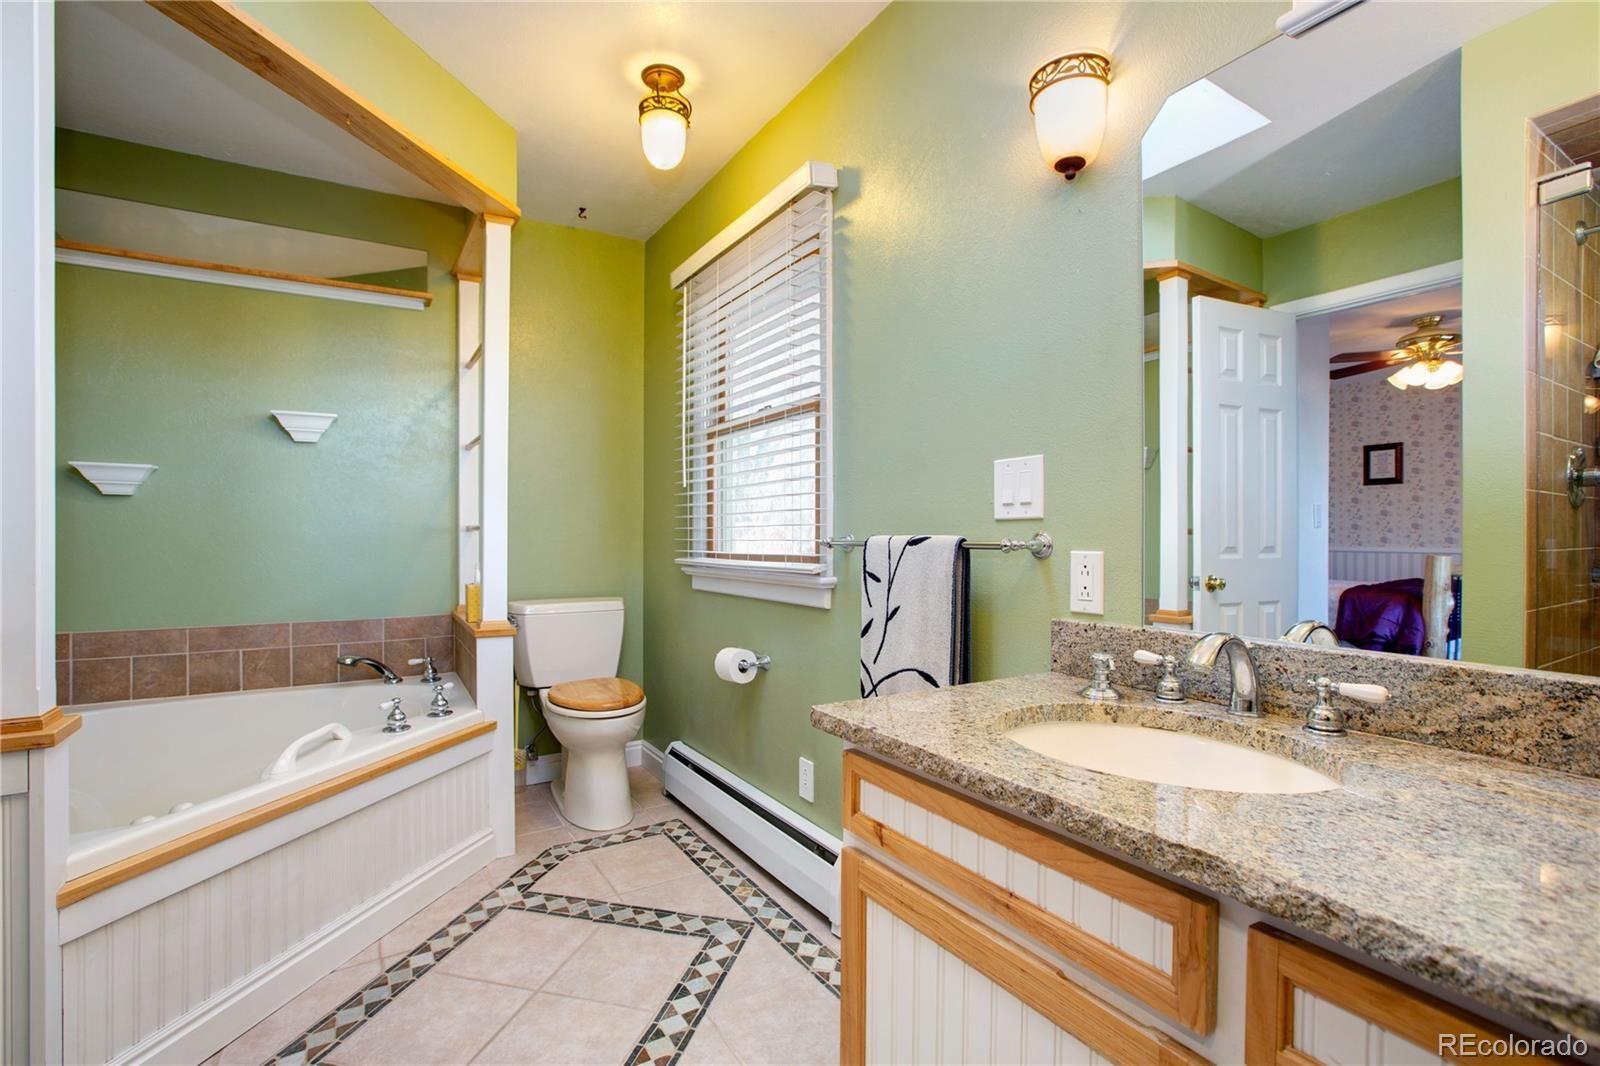 MLS# 4563423 - 15 - 3425 S Pierce Street, Lakewood, CO 80227